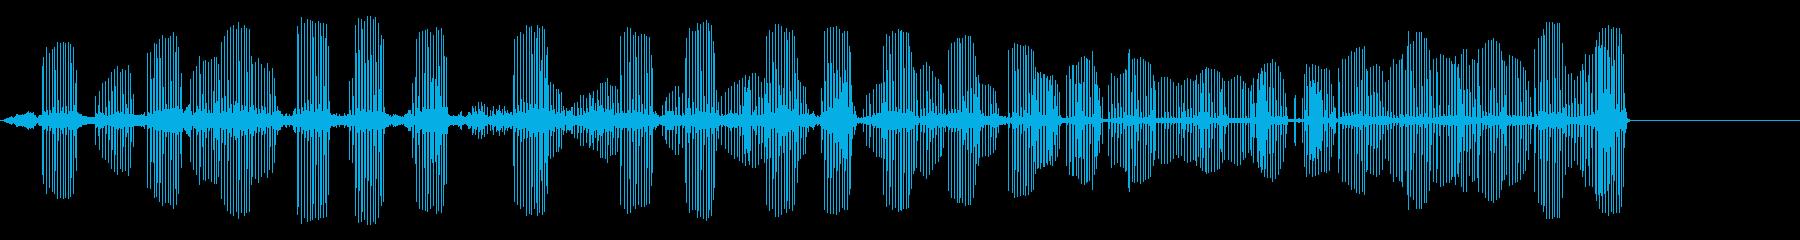 アフリカの鳥の再生済みの波形